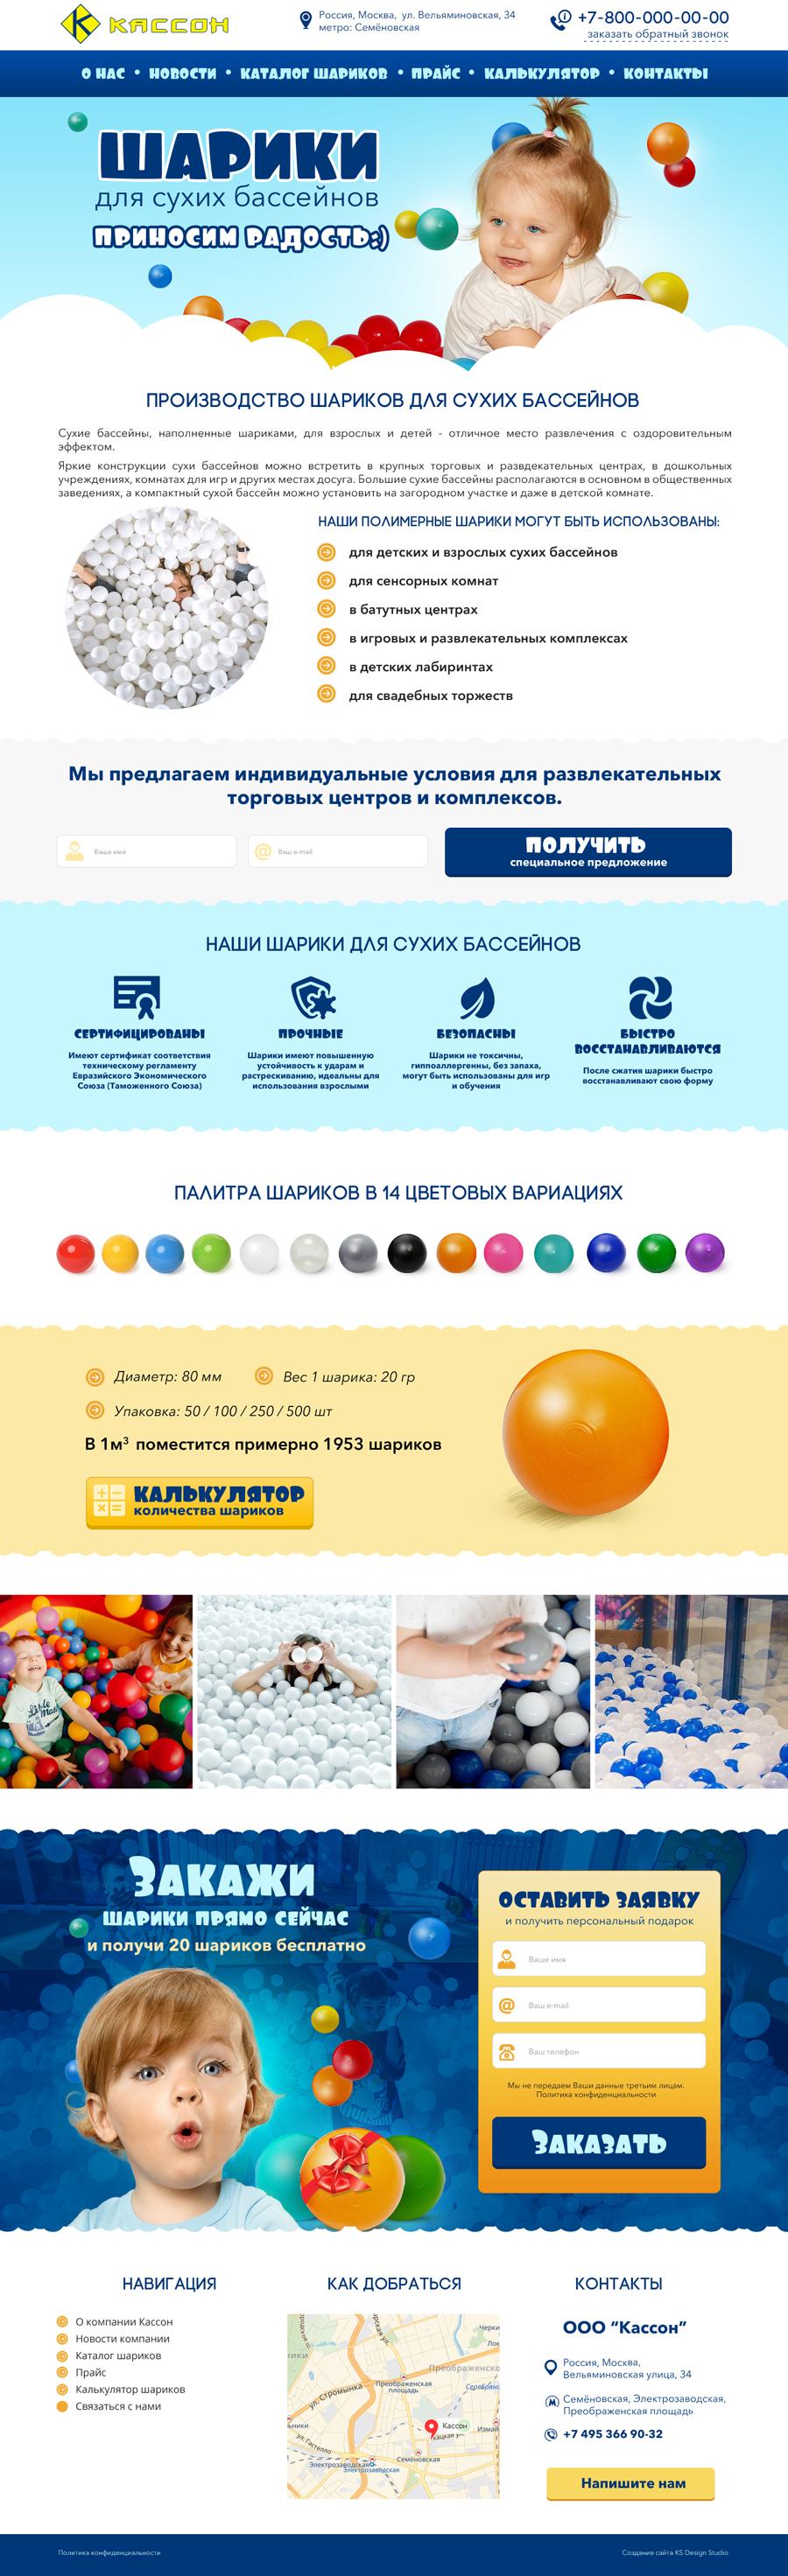 дизайн корпоративного сайта, лендинг, дизайн лендинга